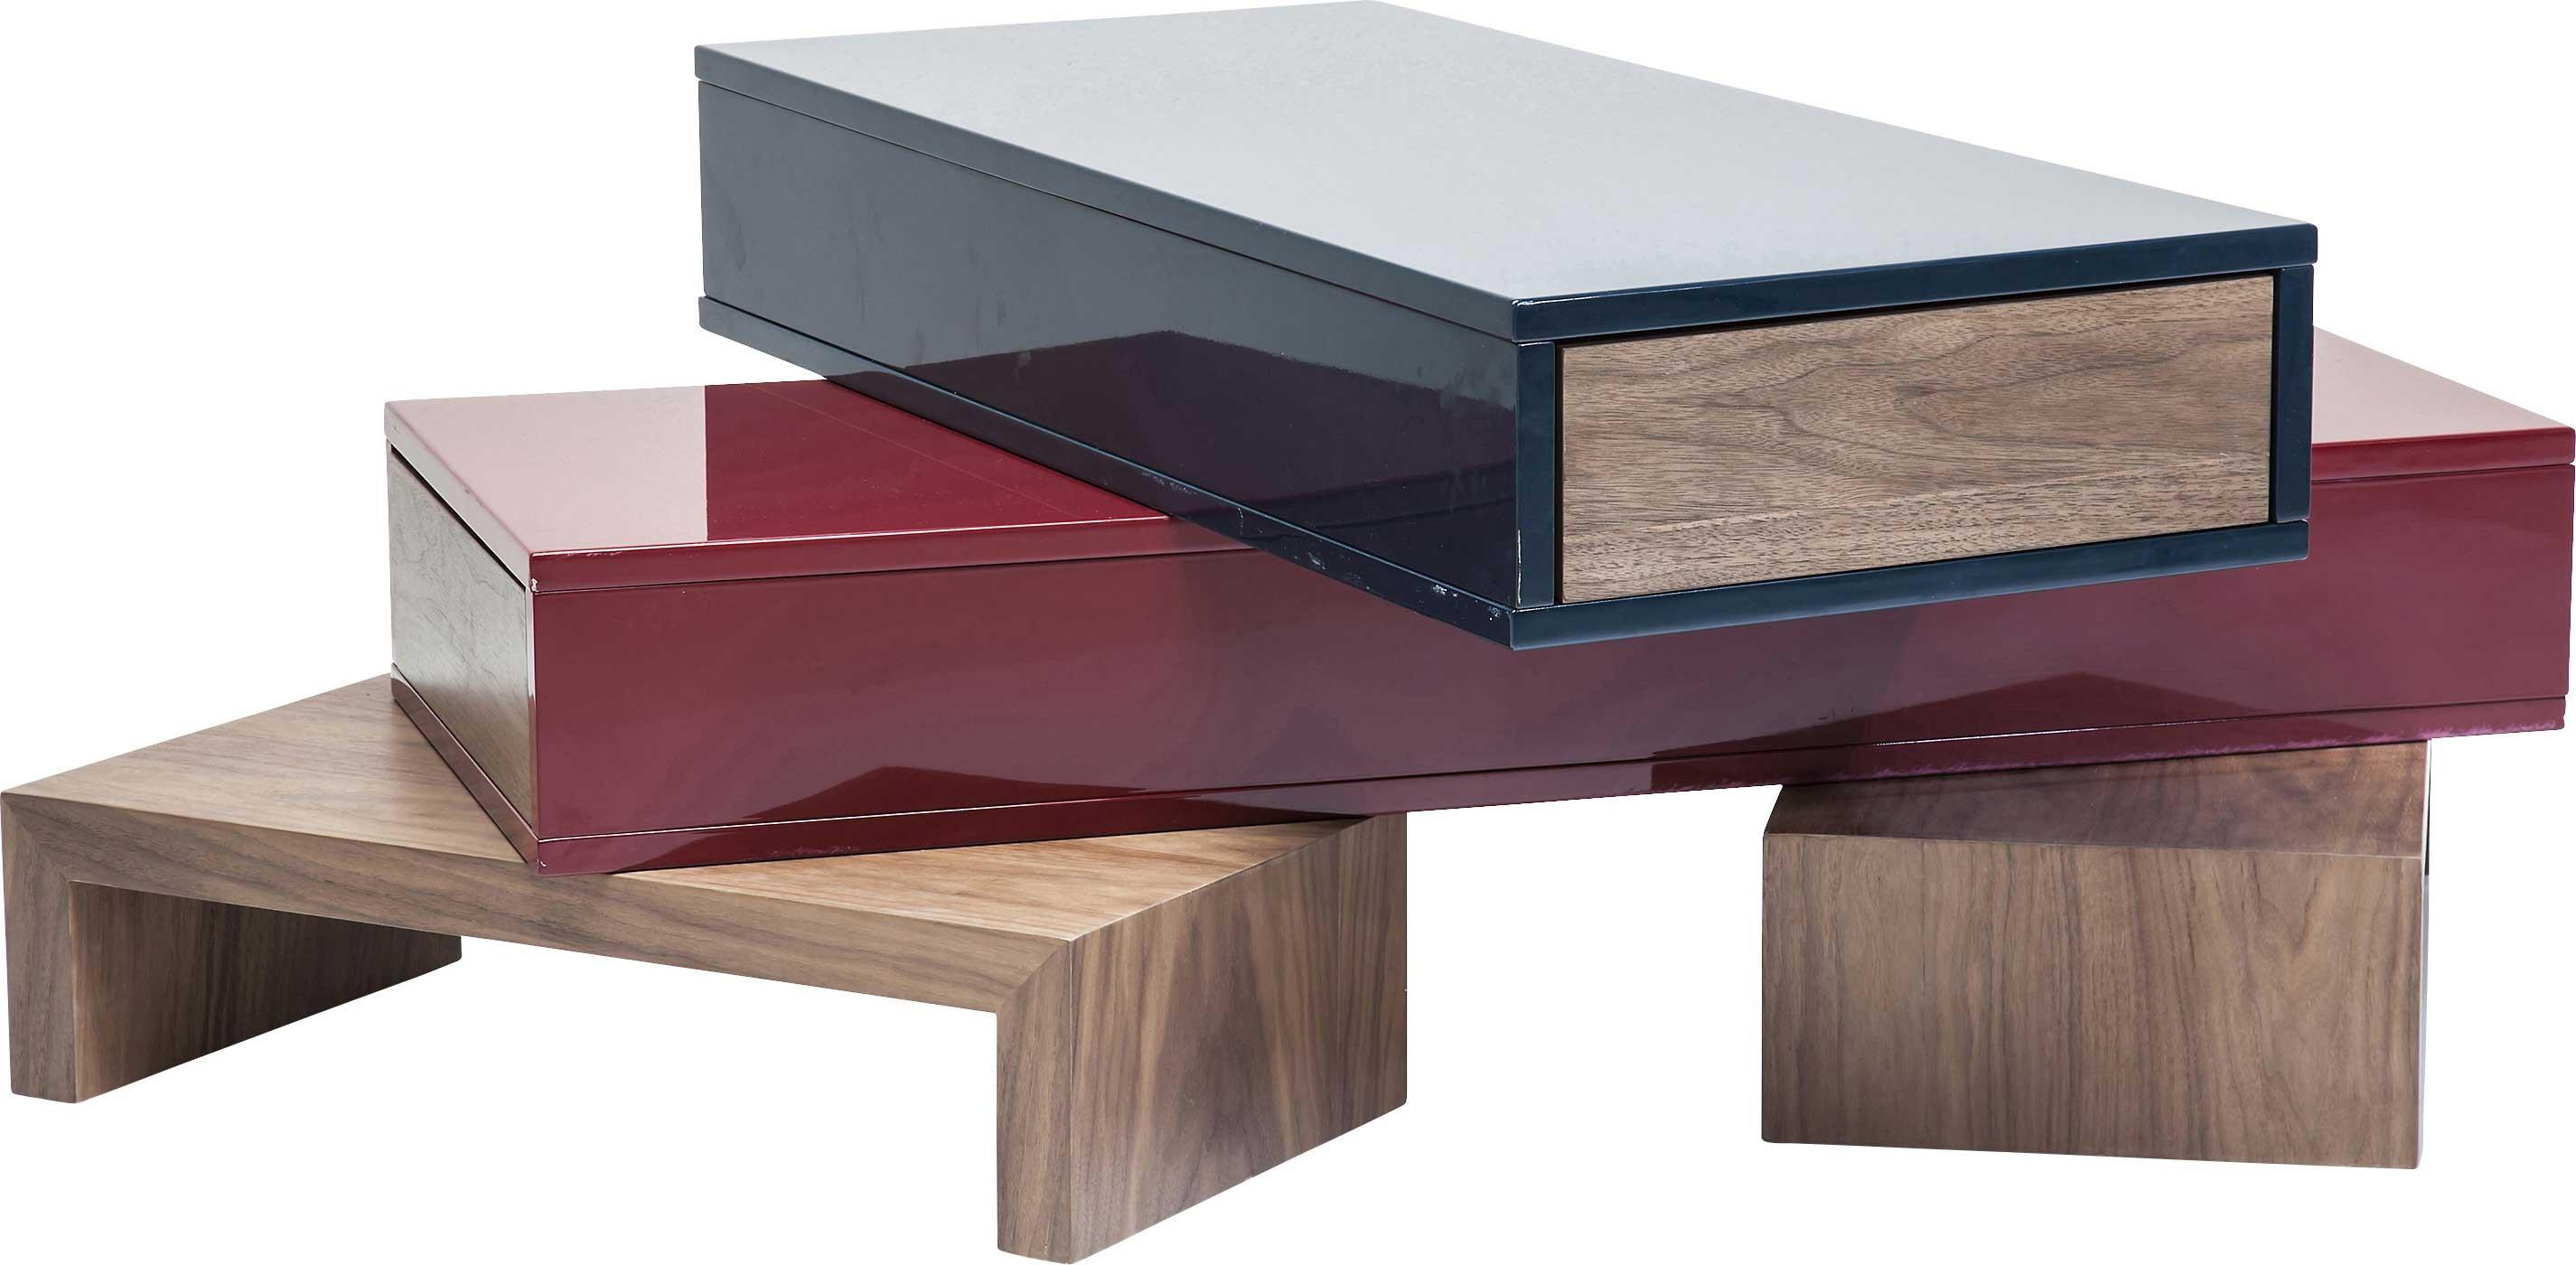 kare design table tritoo maison et jardin. Black Bedroom Furniture Sets. Home Design Ideas